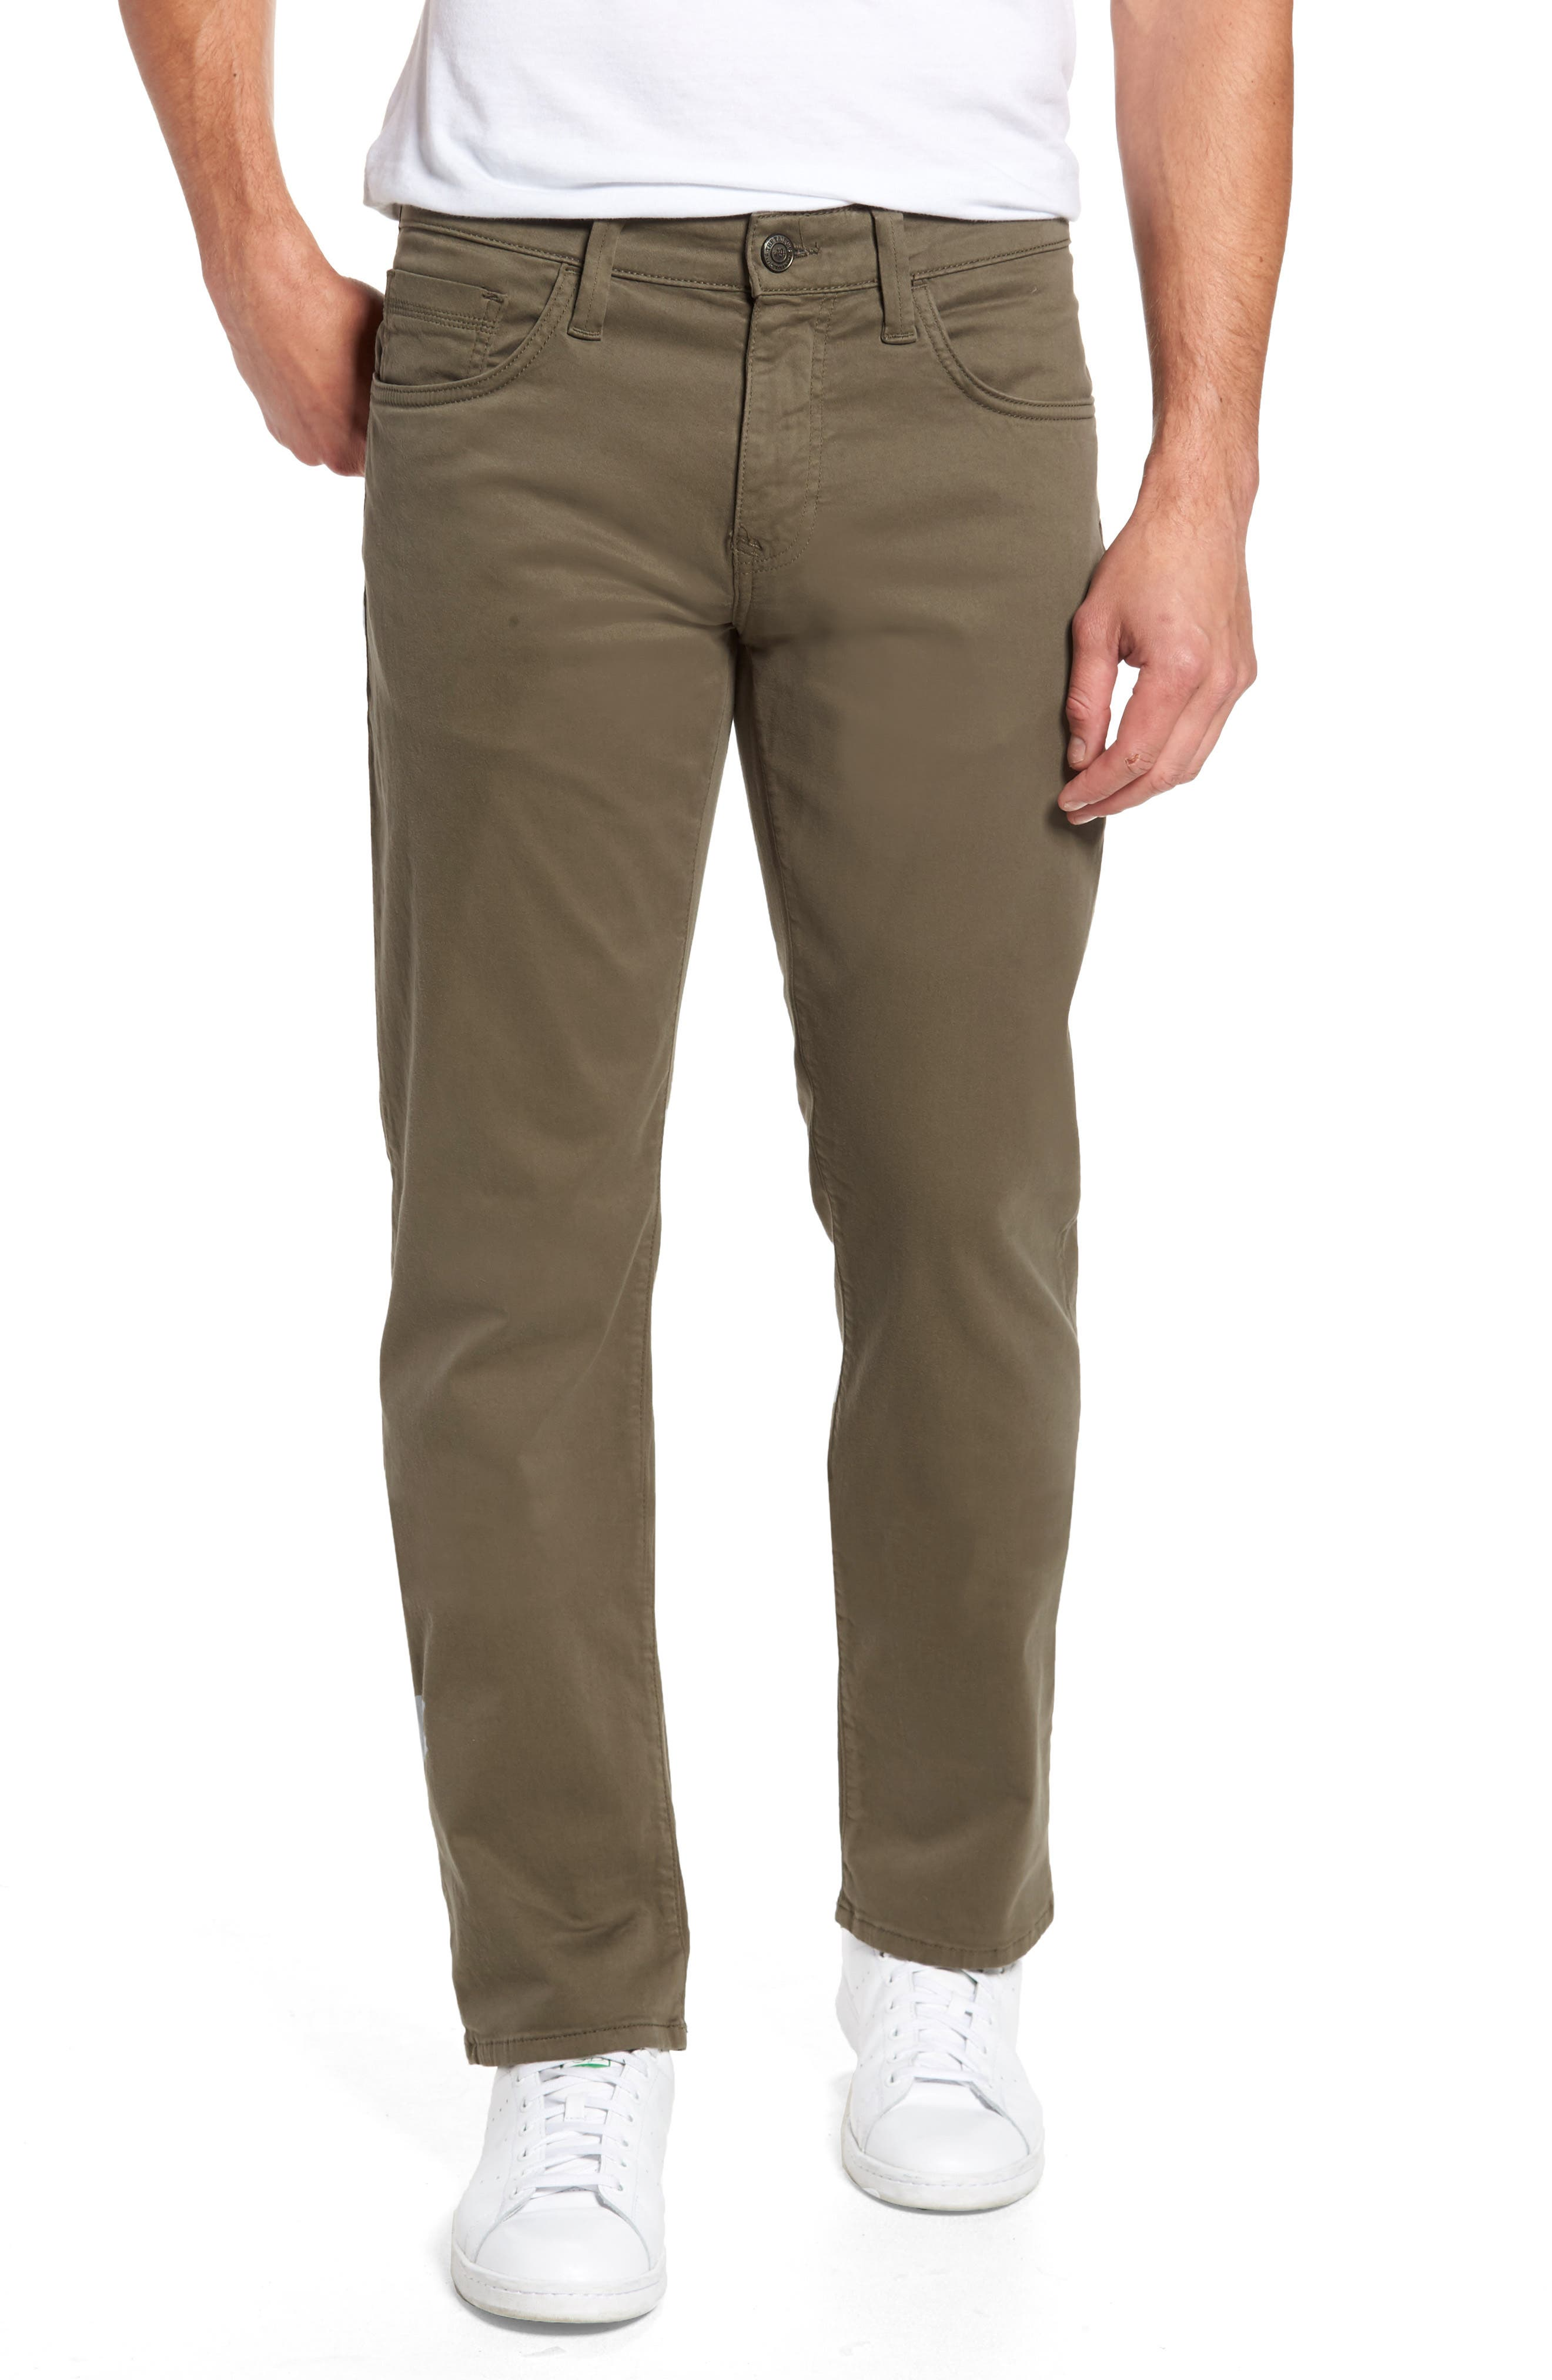 Mavi Jeans Zach Straight Fit Twill Pants (Dusty Olive Twill)